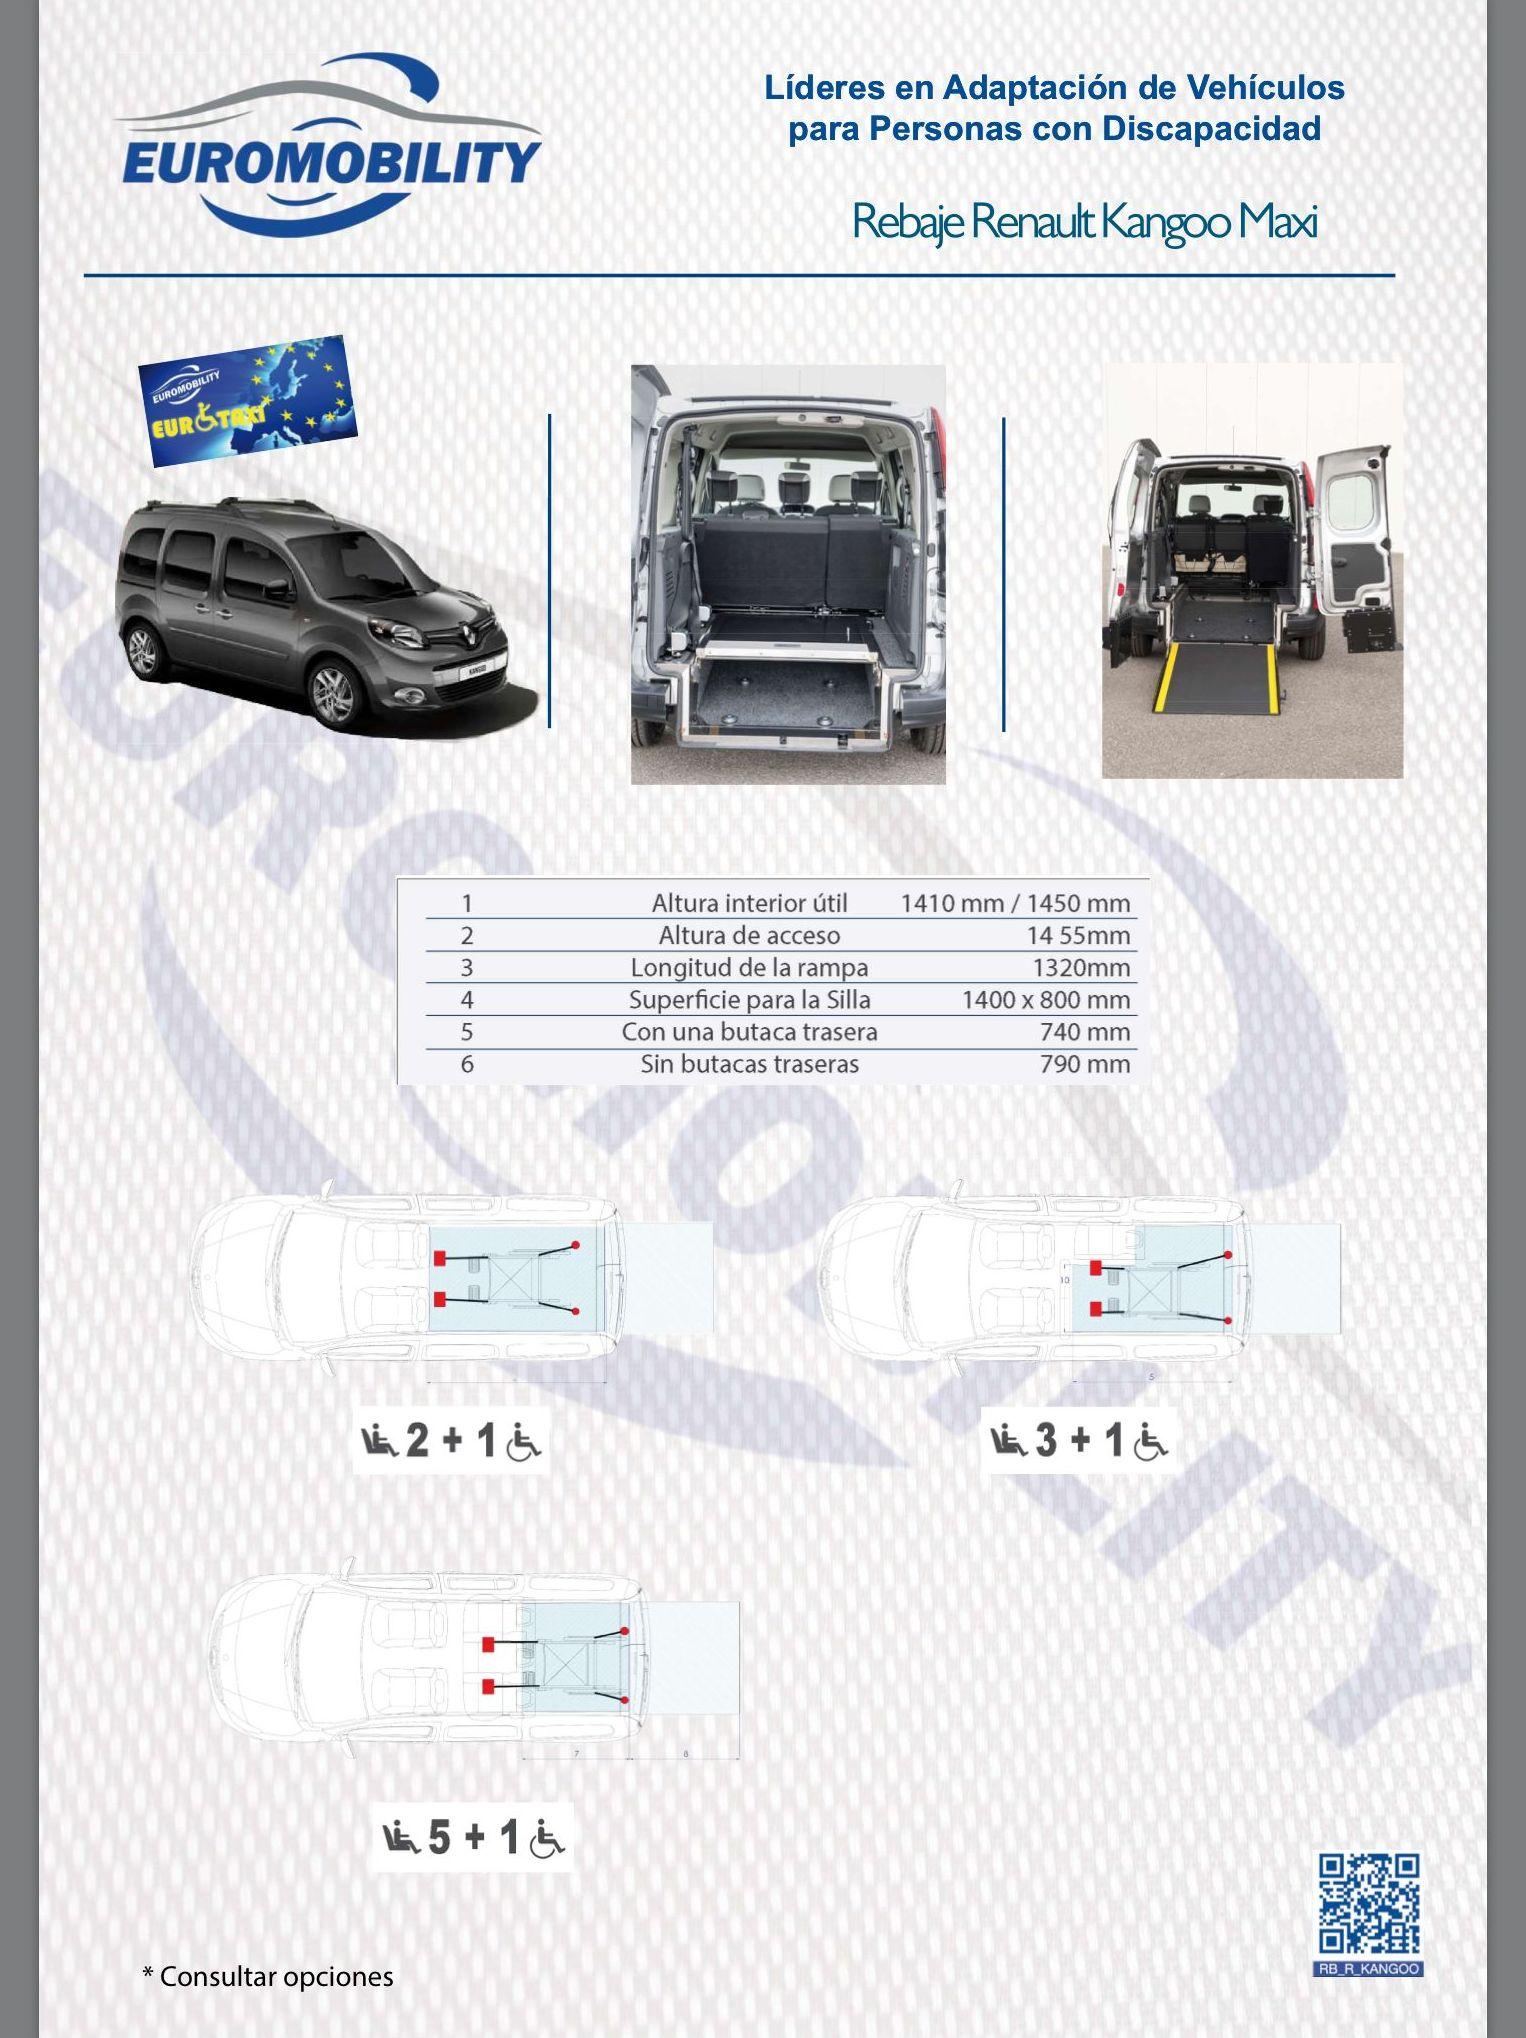 Rebaje de piso / Cajeado Renault Kangoo Maxi. Adaptación de vehiculos Gijon